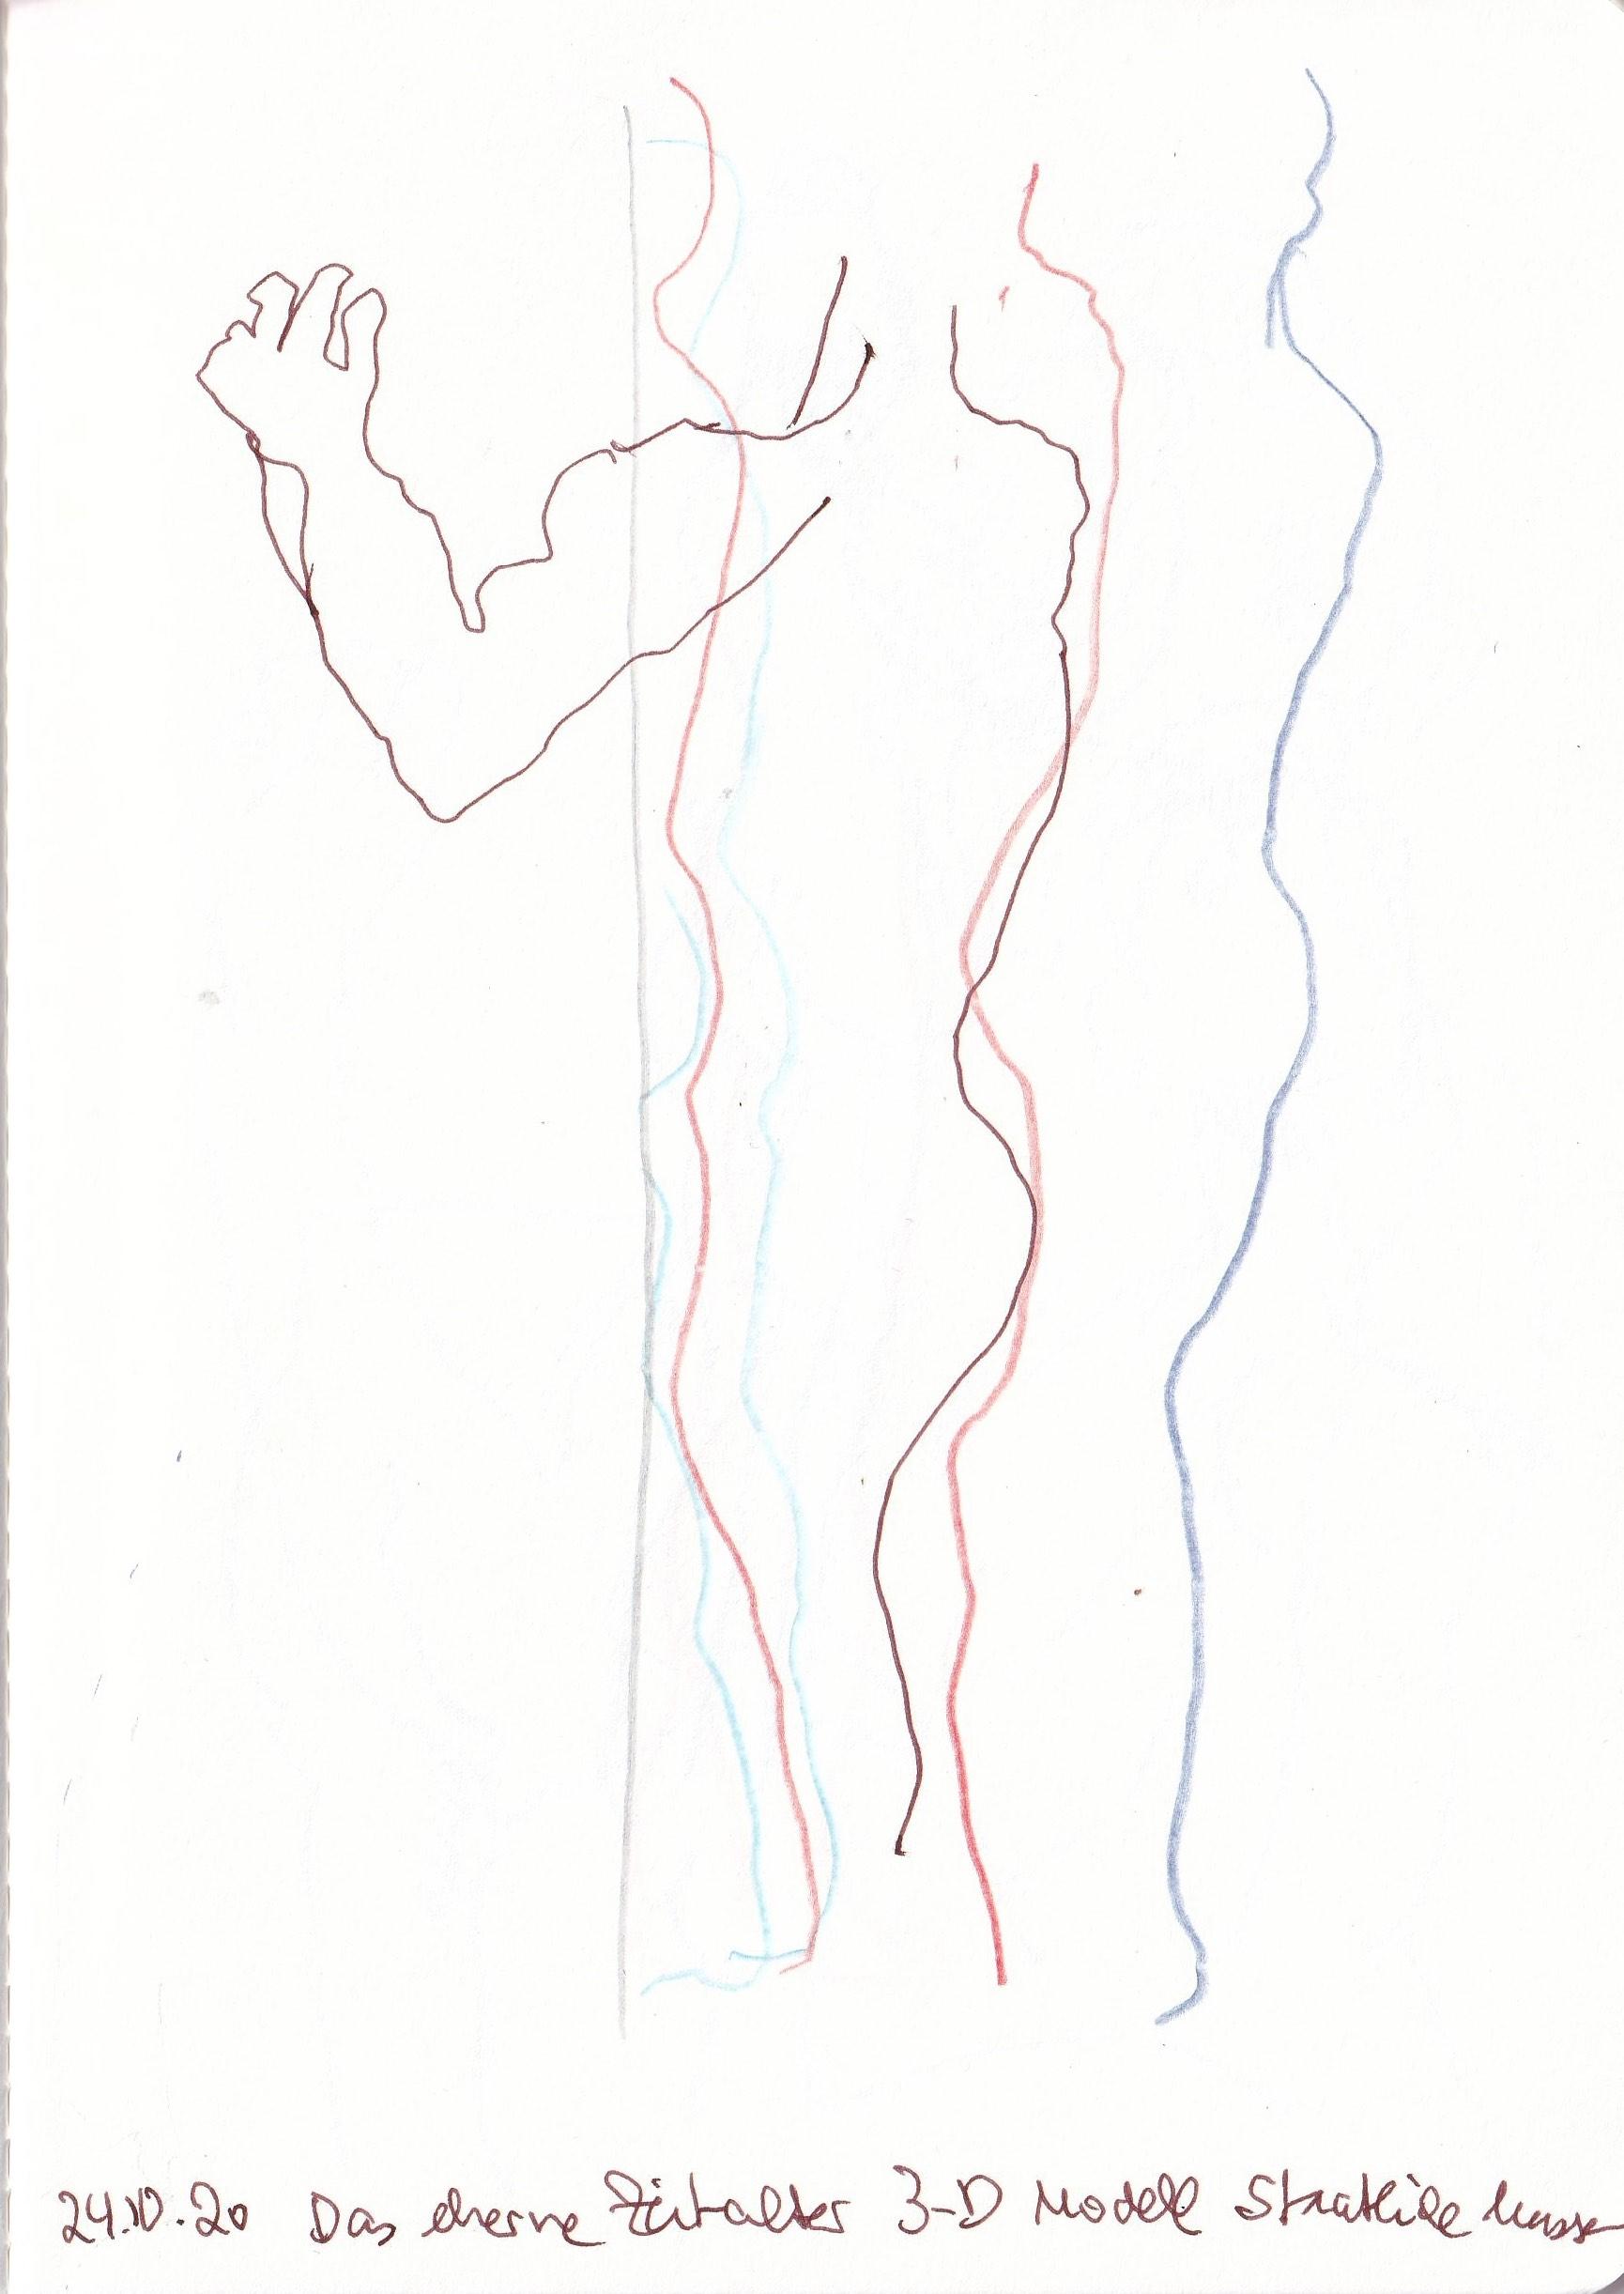 Das eherne Zeitalter, Skizzenbuch Susanne Haun (c) VG Bild-Kunst, Bonn 2020